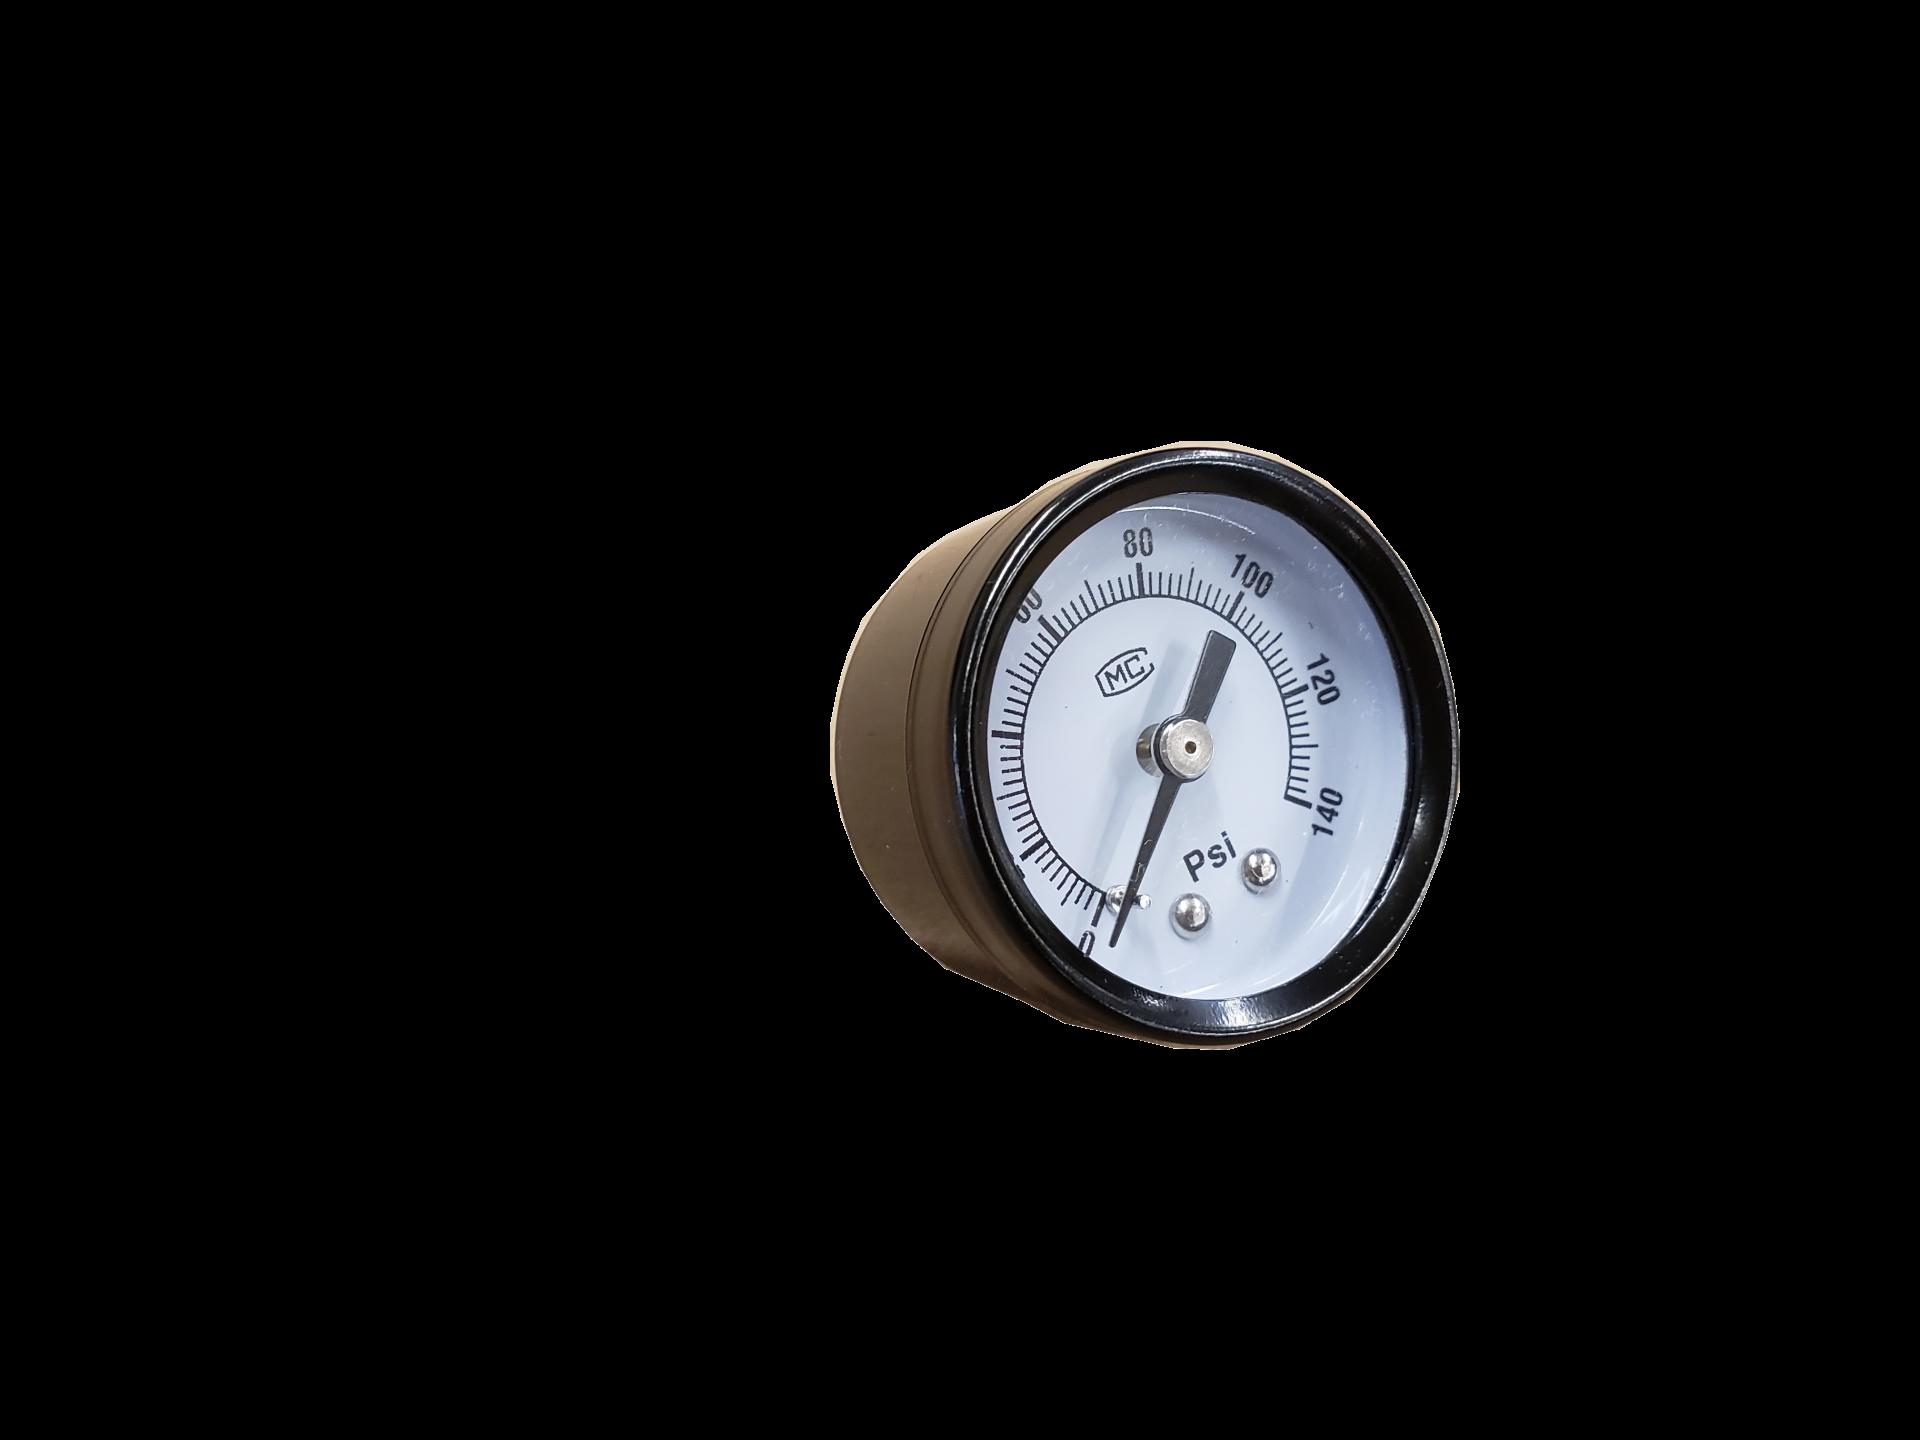 regulator-gauge.png